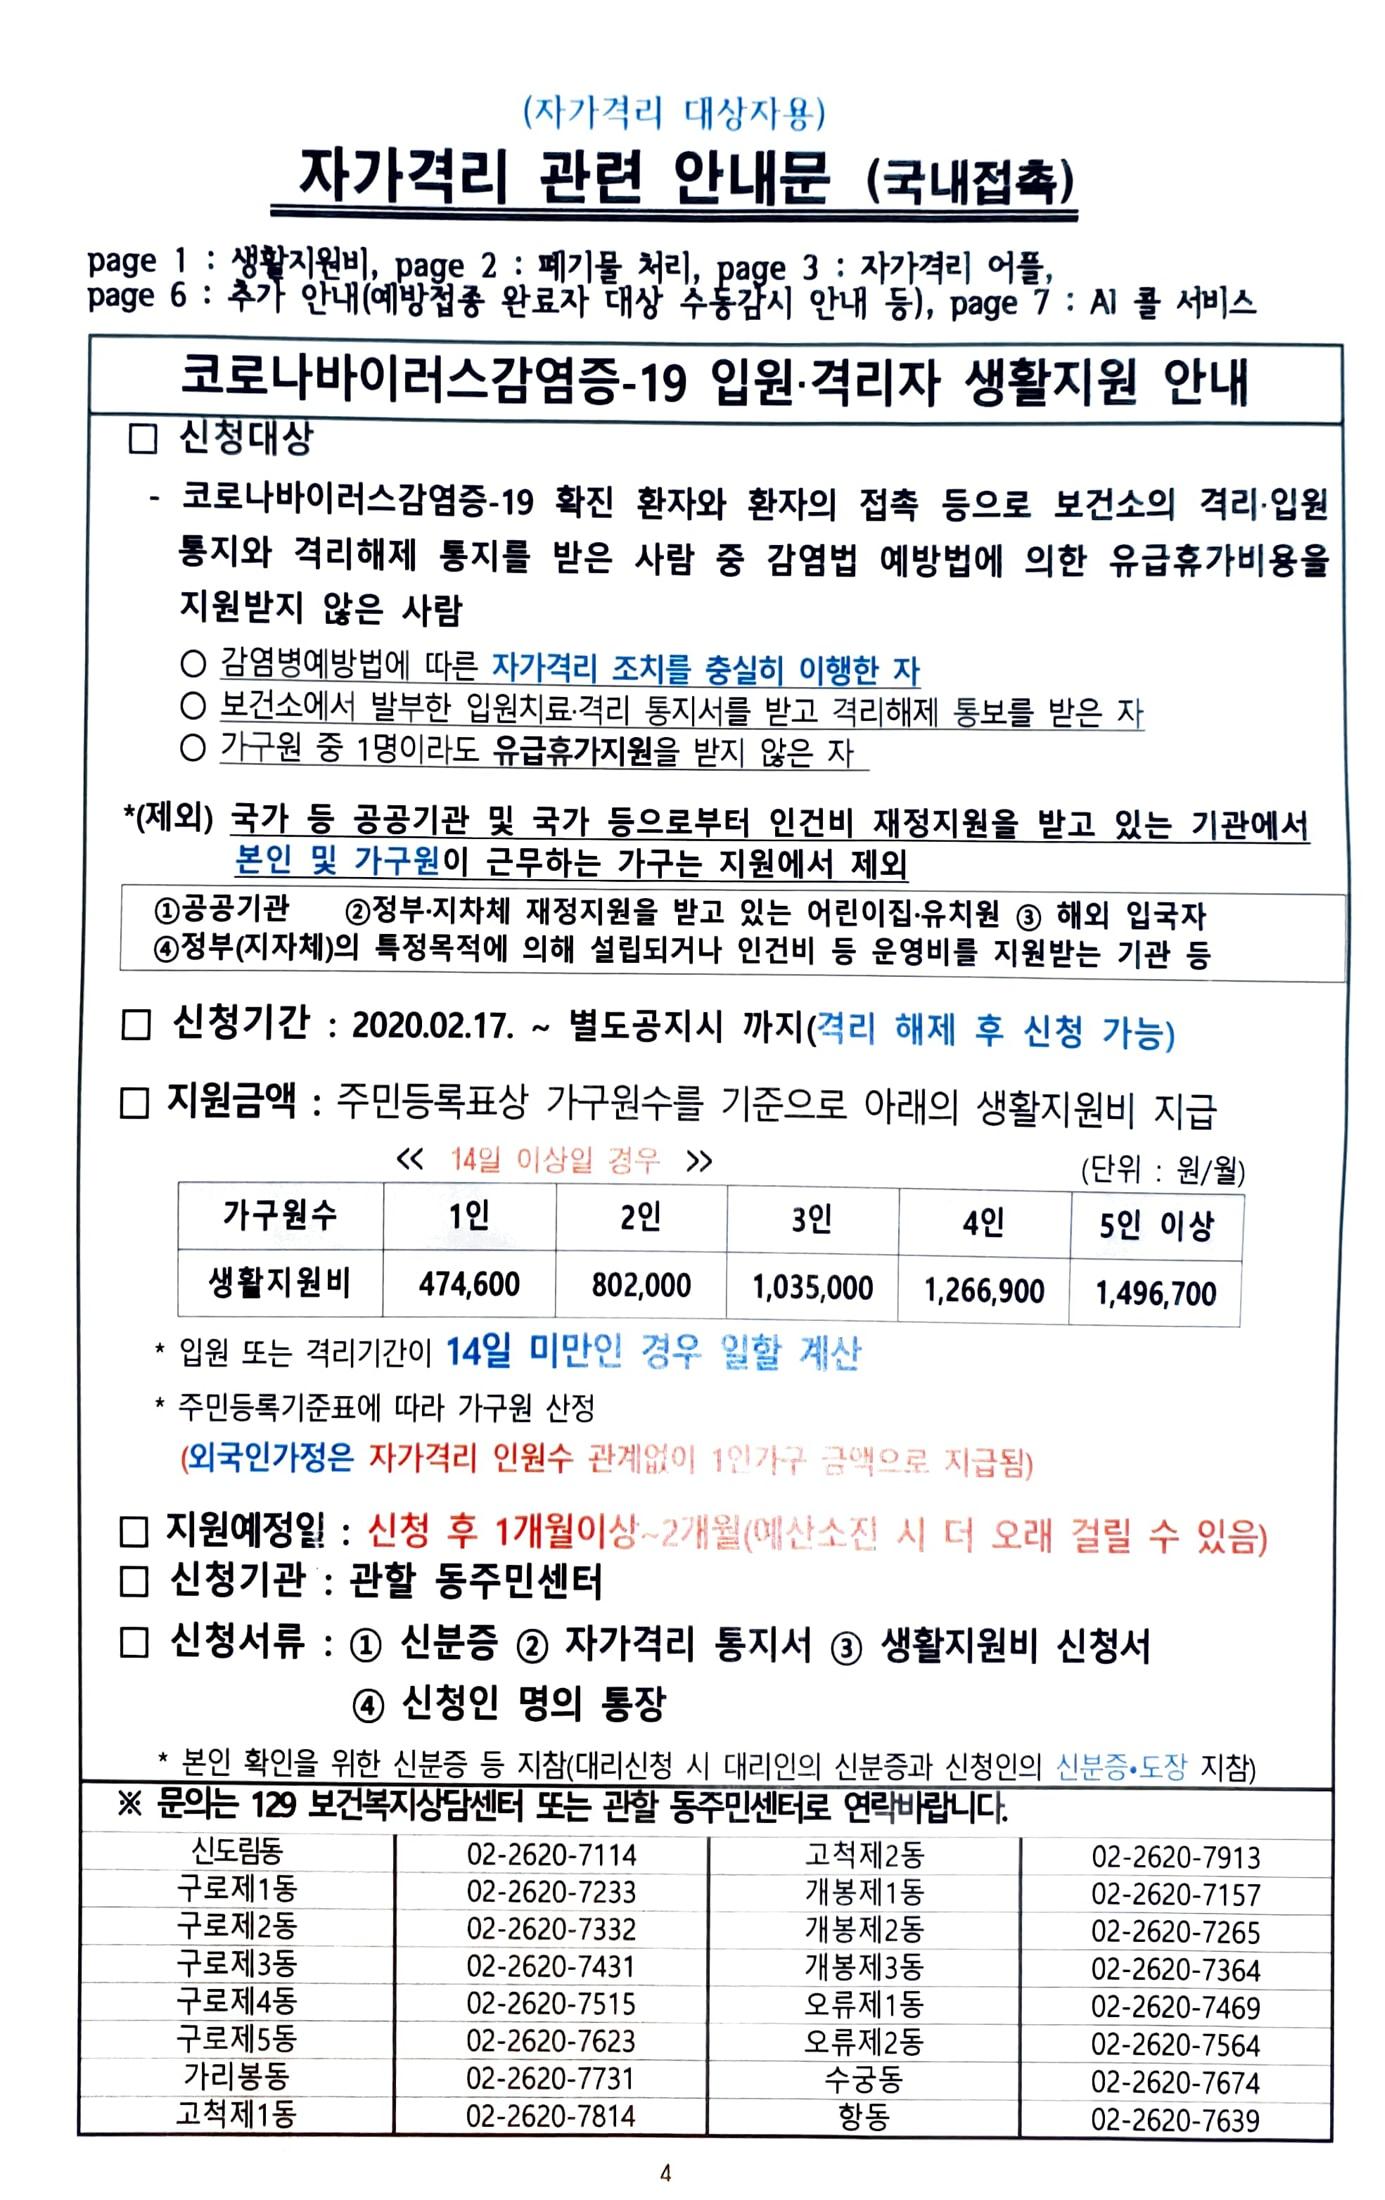 코로나 완치자, 코로나 생활지원금 신청(주민센터)/ 실비보험 청구